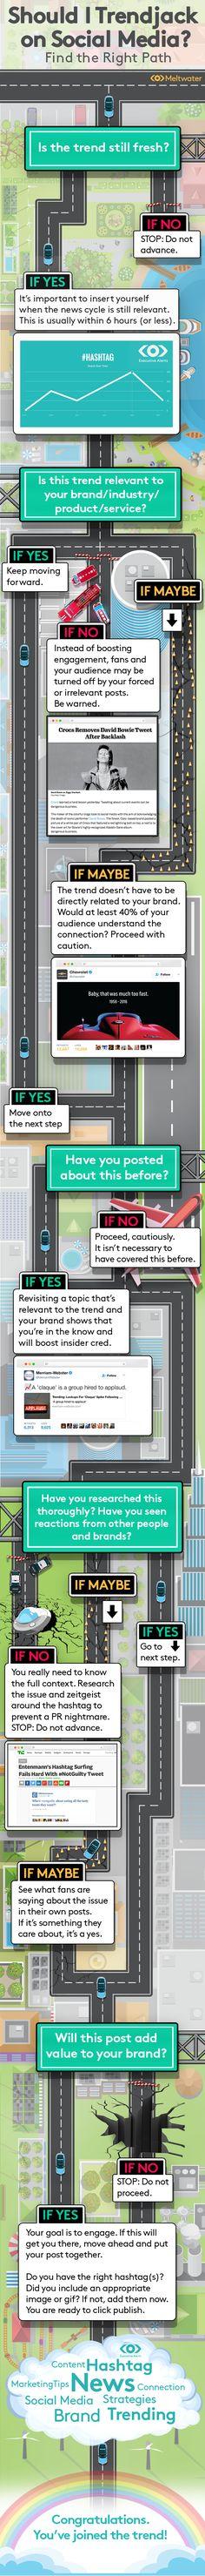 Should I Trendjack on Social Media? - #infographic